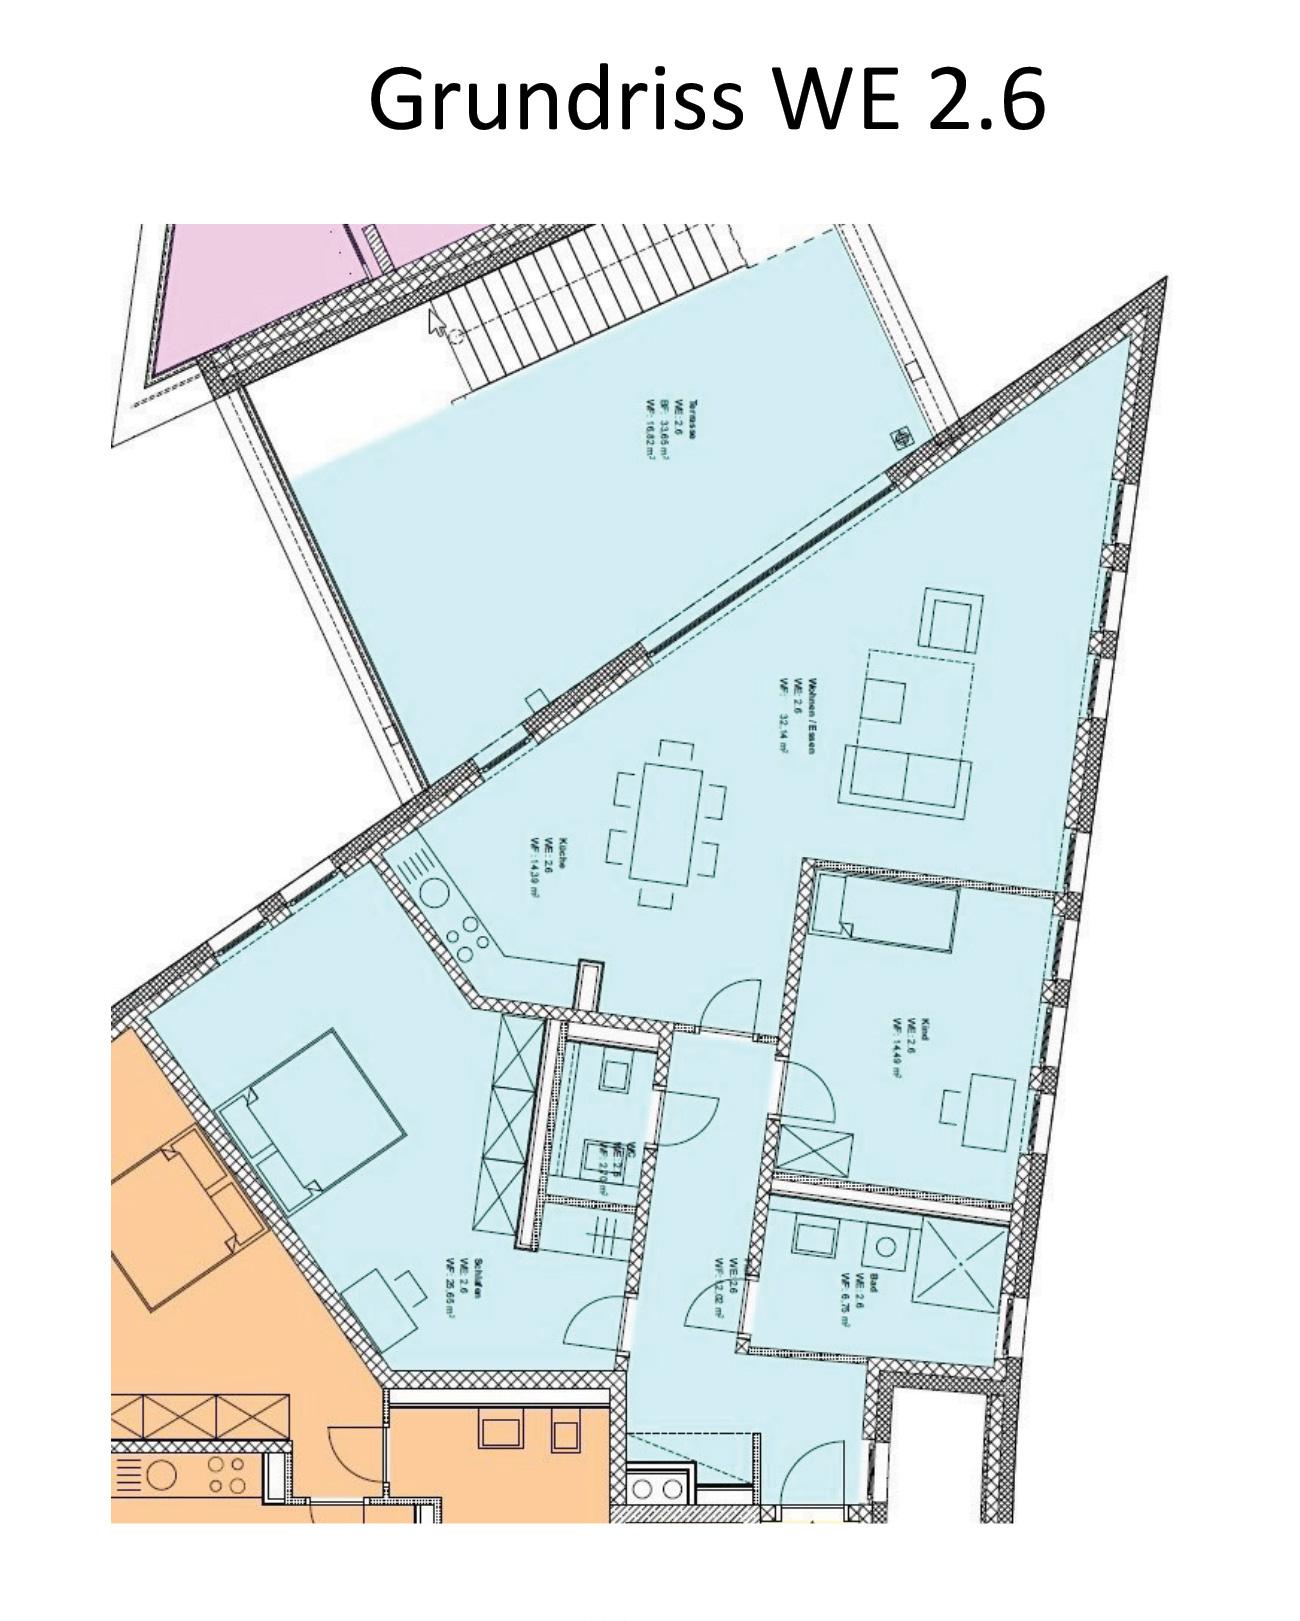 Grundriss Zeichnung Wohnung Overrath